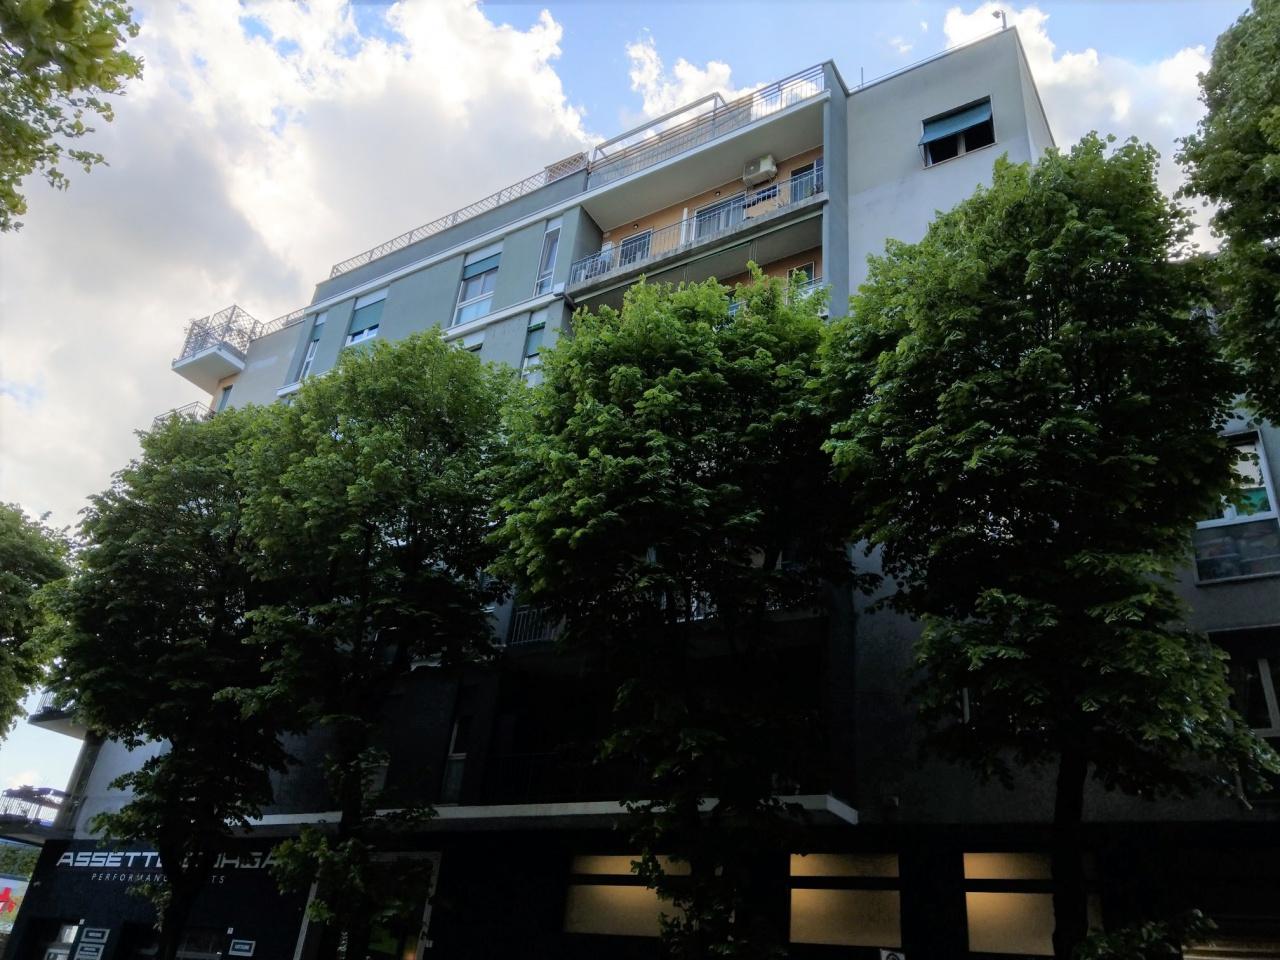 Appartamento in vendita a Sesto San Giovanni, 3 locali, prezzo € 195.000 | PortaleAgenzieImmobiliari.it